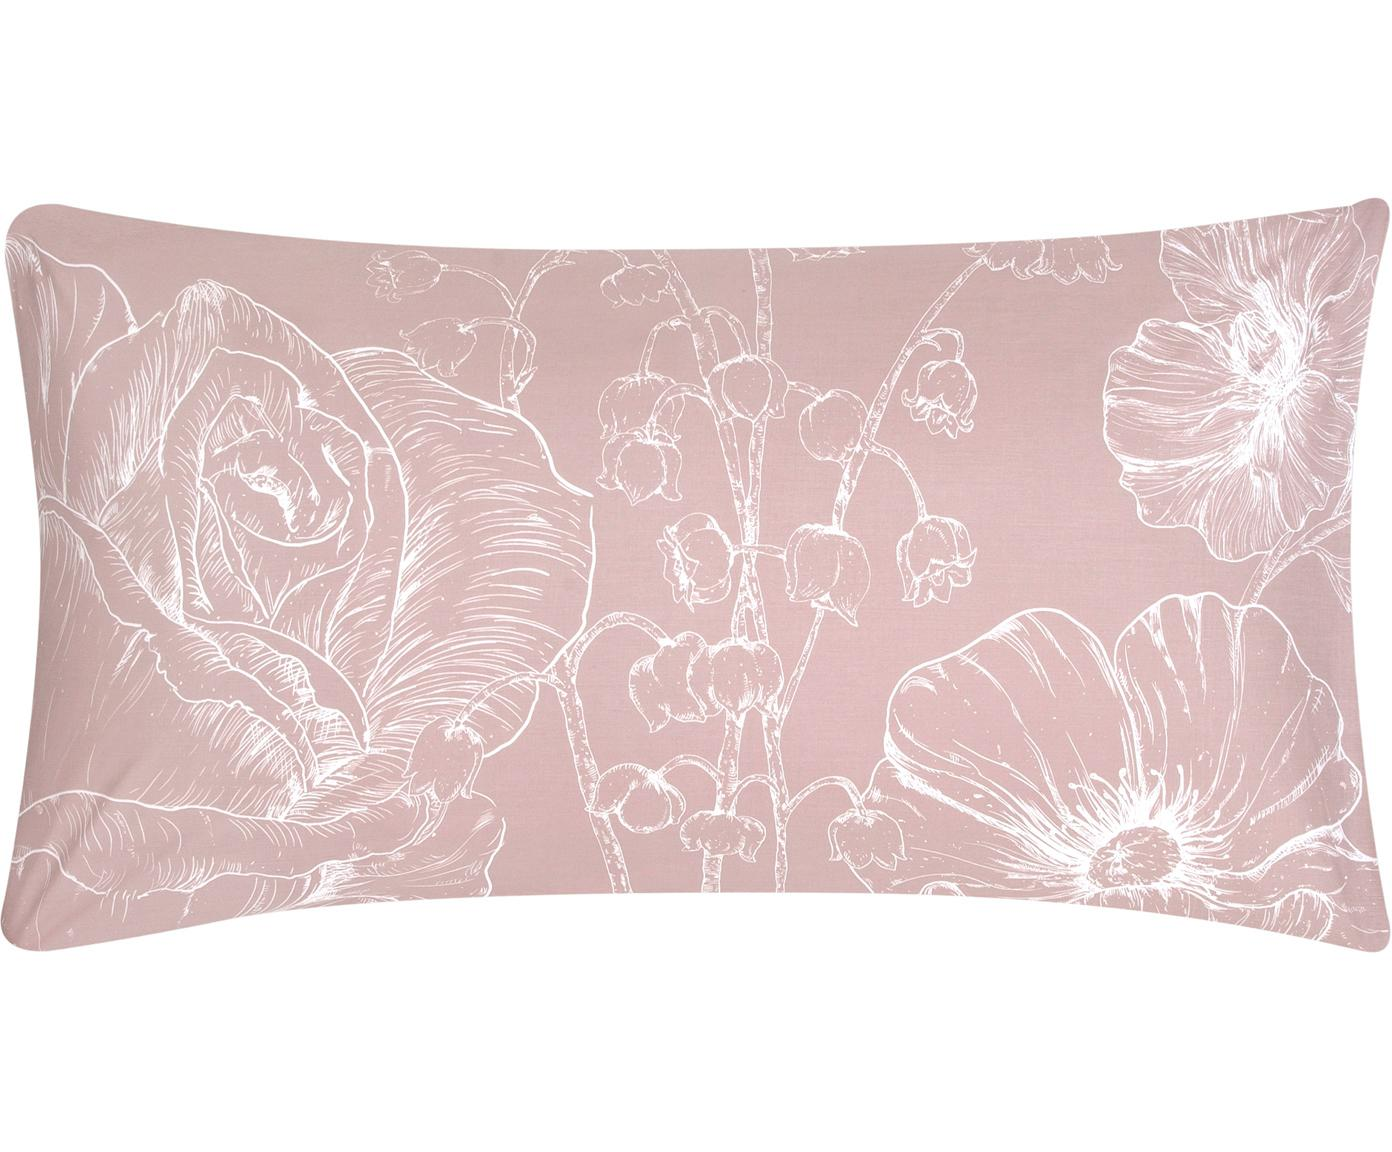 Poszewka na poduszkę z perkalu Keno, 2 szt., Brudny różowy, biały, S 40 x D 80 cm